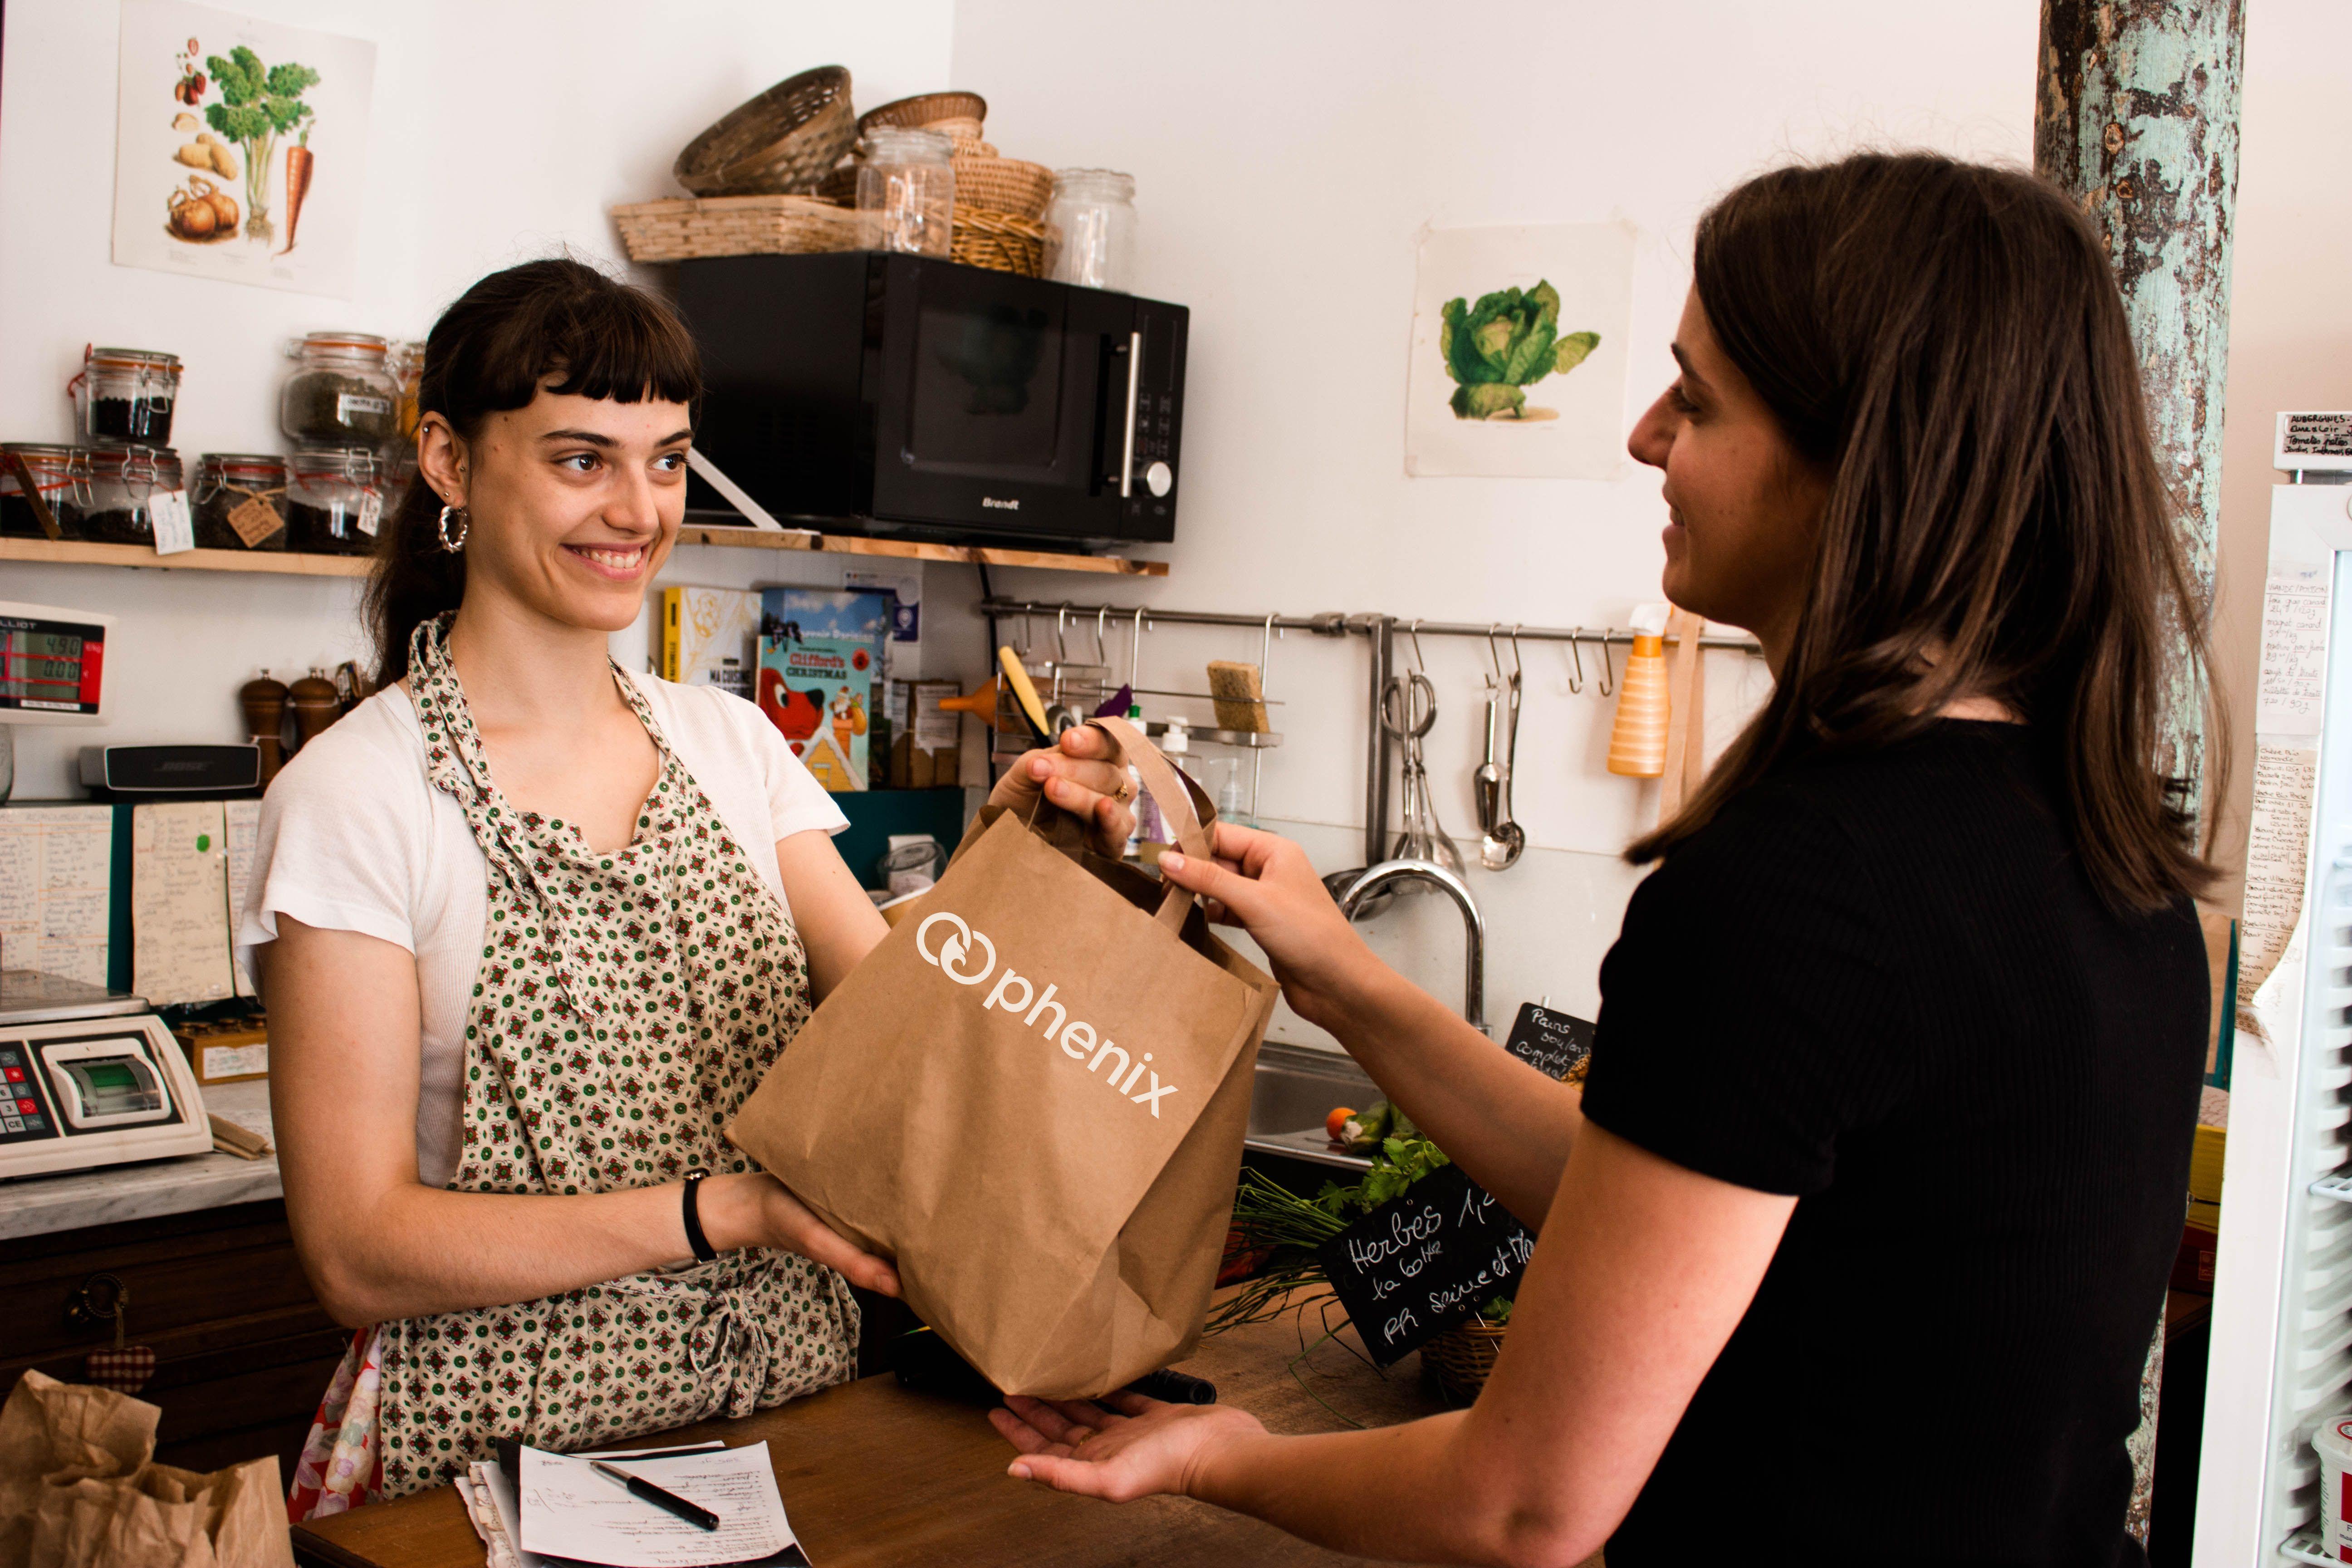 Phenix, nouveau partenaire de Sodexo, l'appli qui vous permet de mettre en vente vos invendus, payables par vos clients en carte Pass Restaurant.